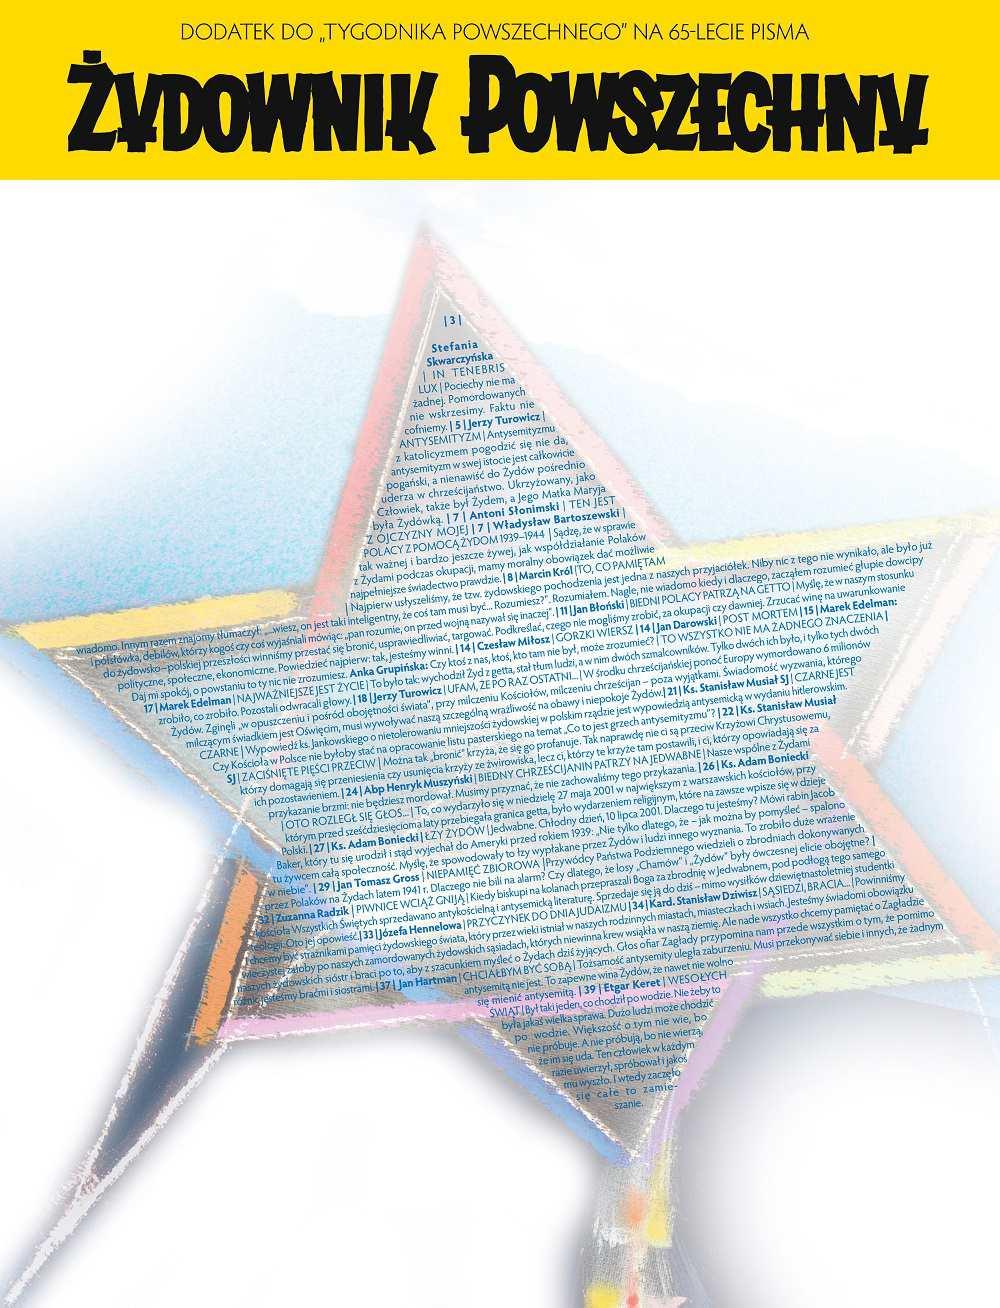 Żydownik Powszechny. Wersja polska - Ebook (Książka EPUB) do pobrania w formacie EPUB